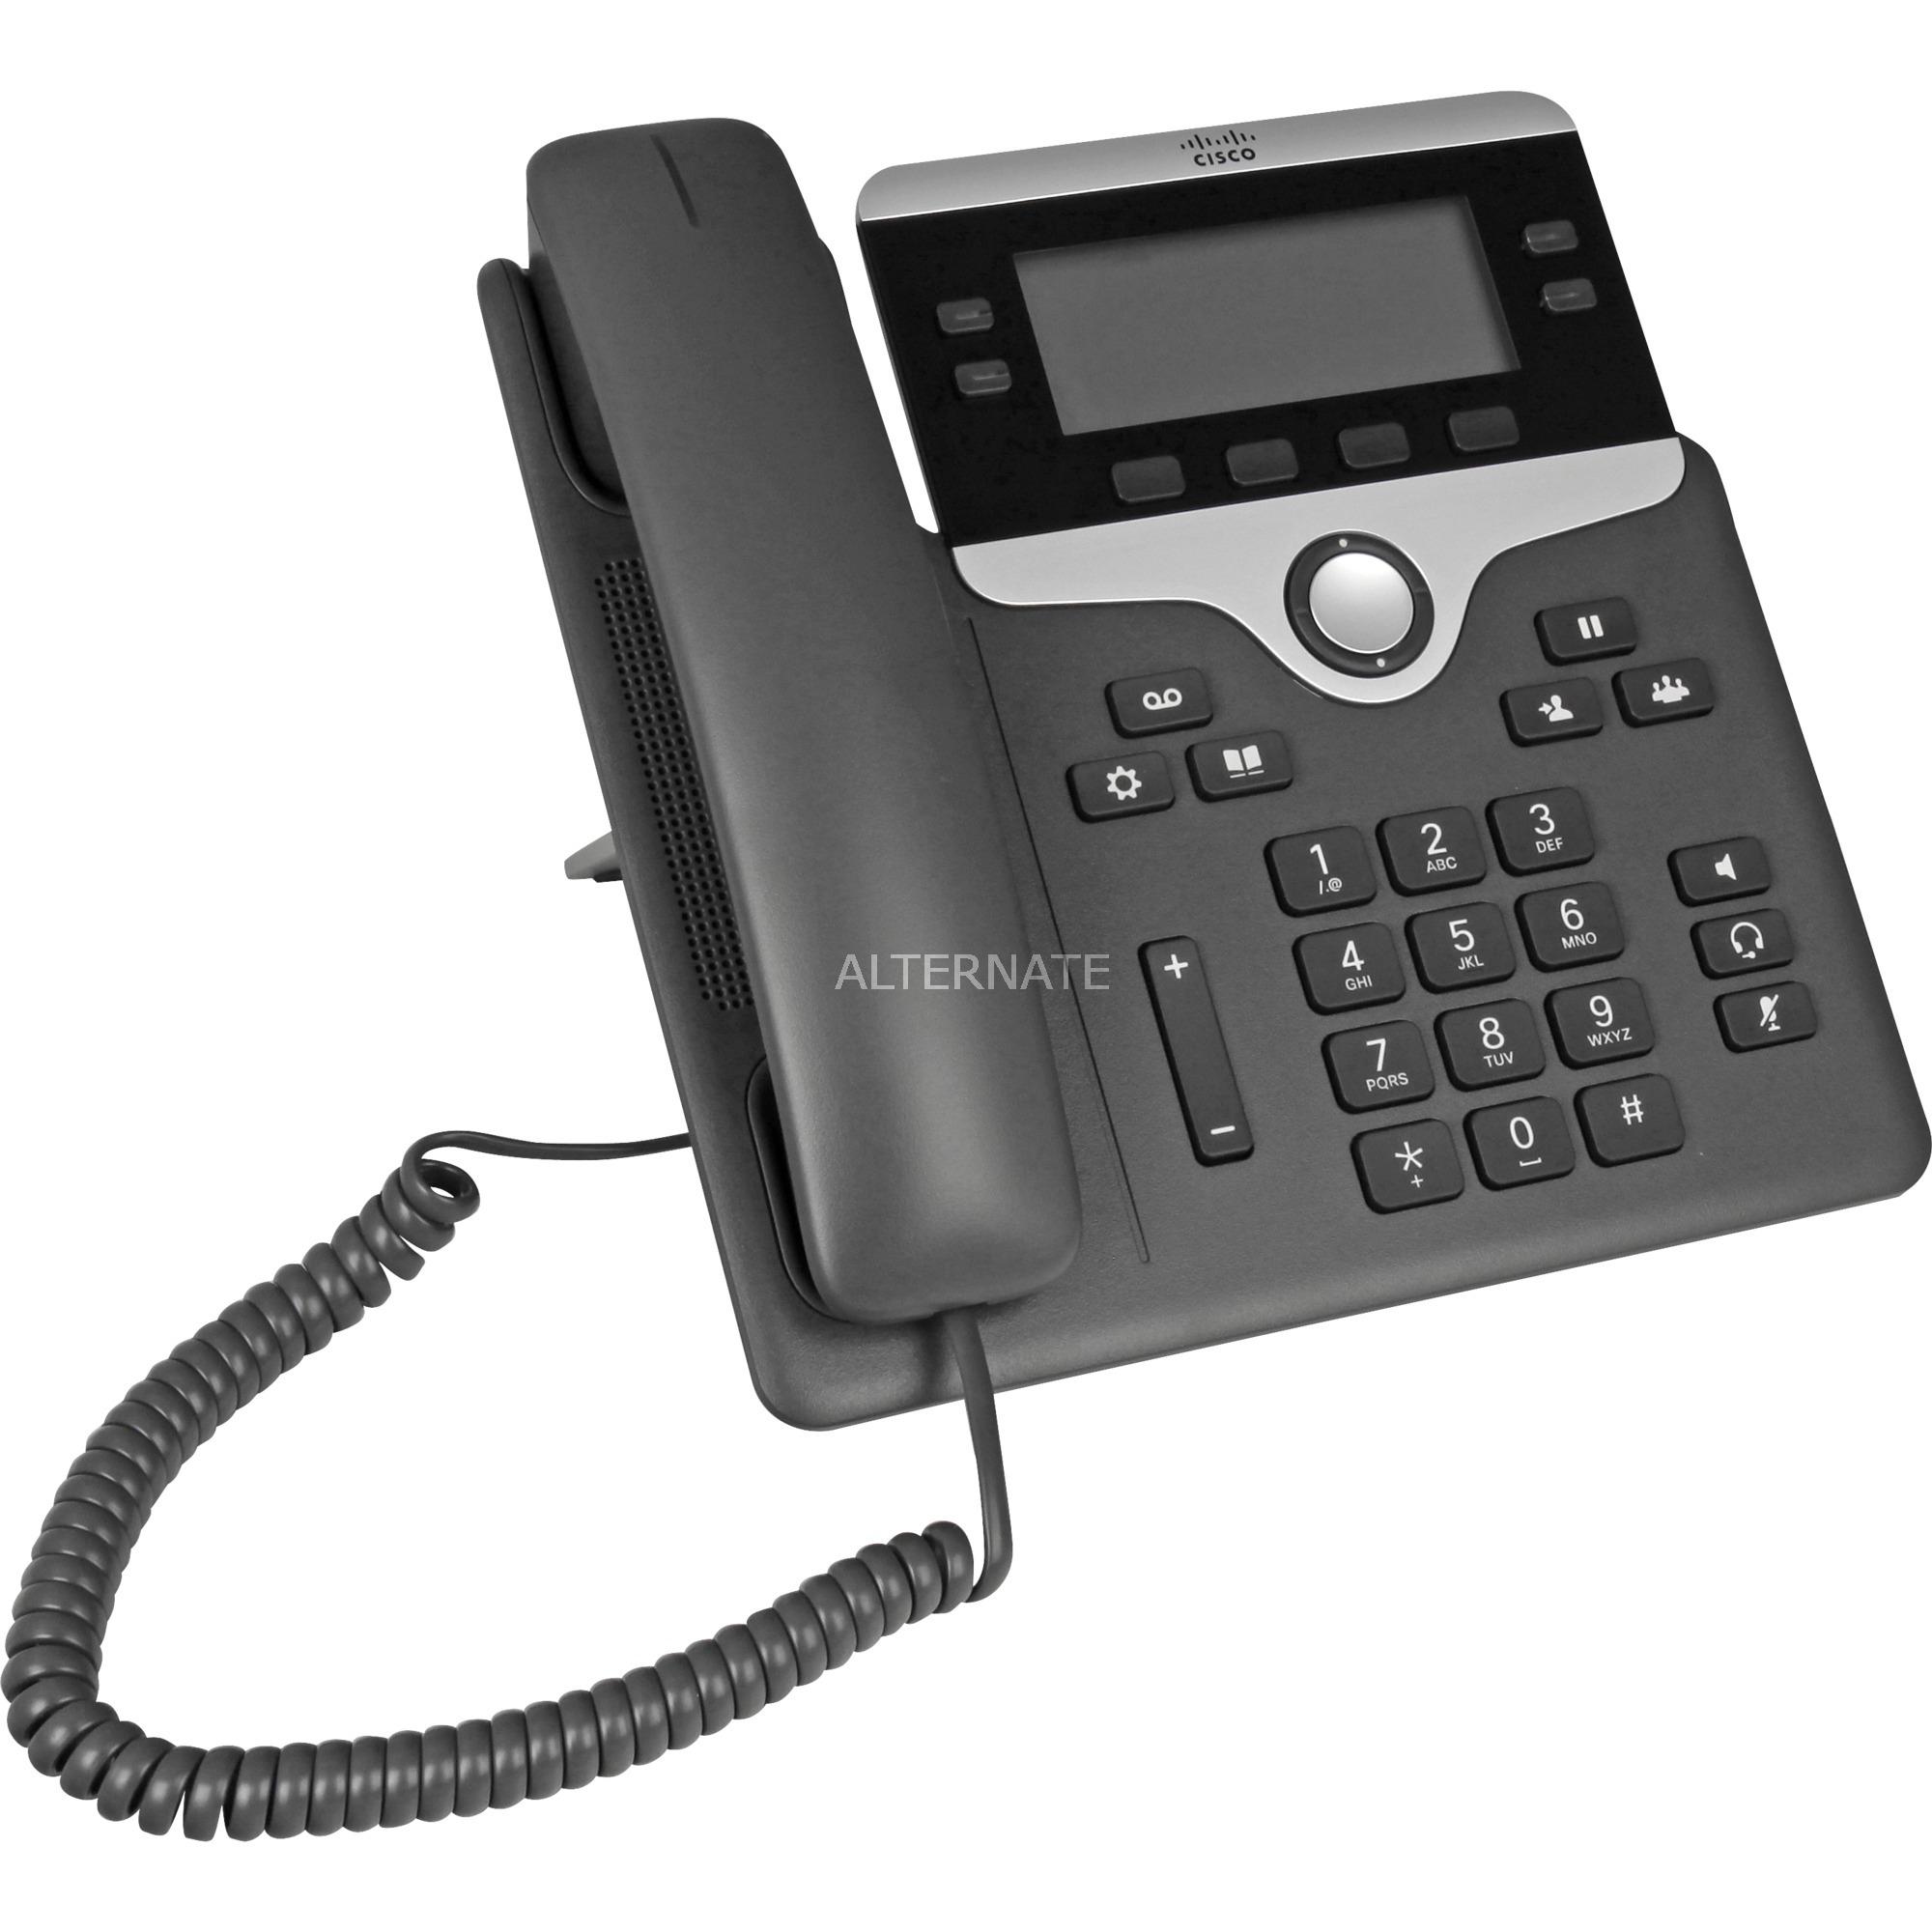 7841-forbundet-haandsat-4linier-lcd-sort-solv-ip-telefon-voip-telefon